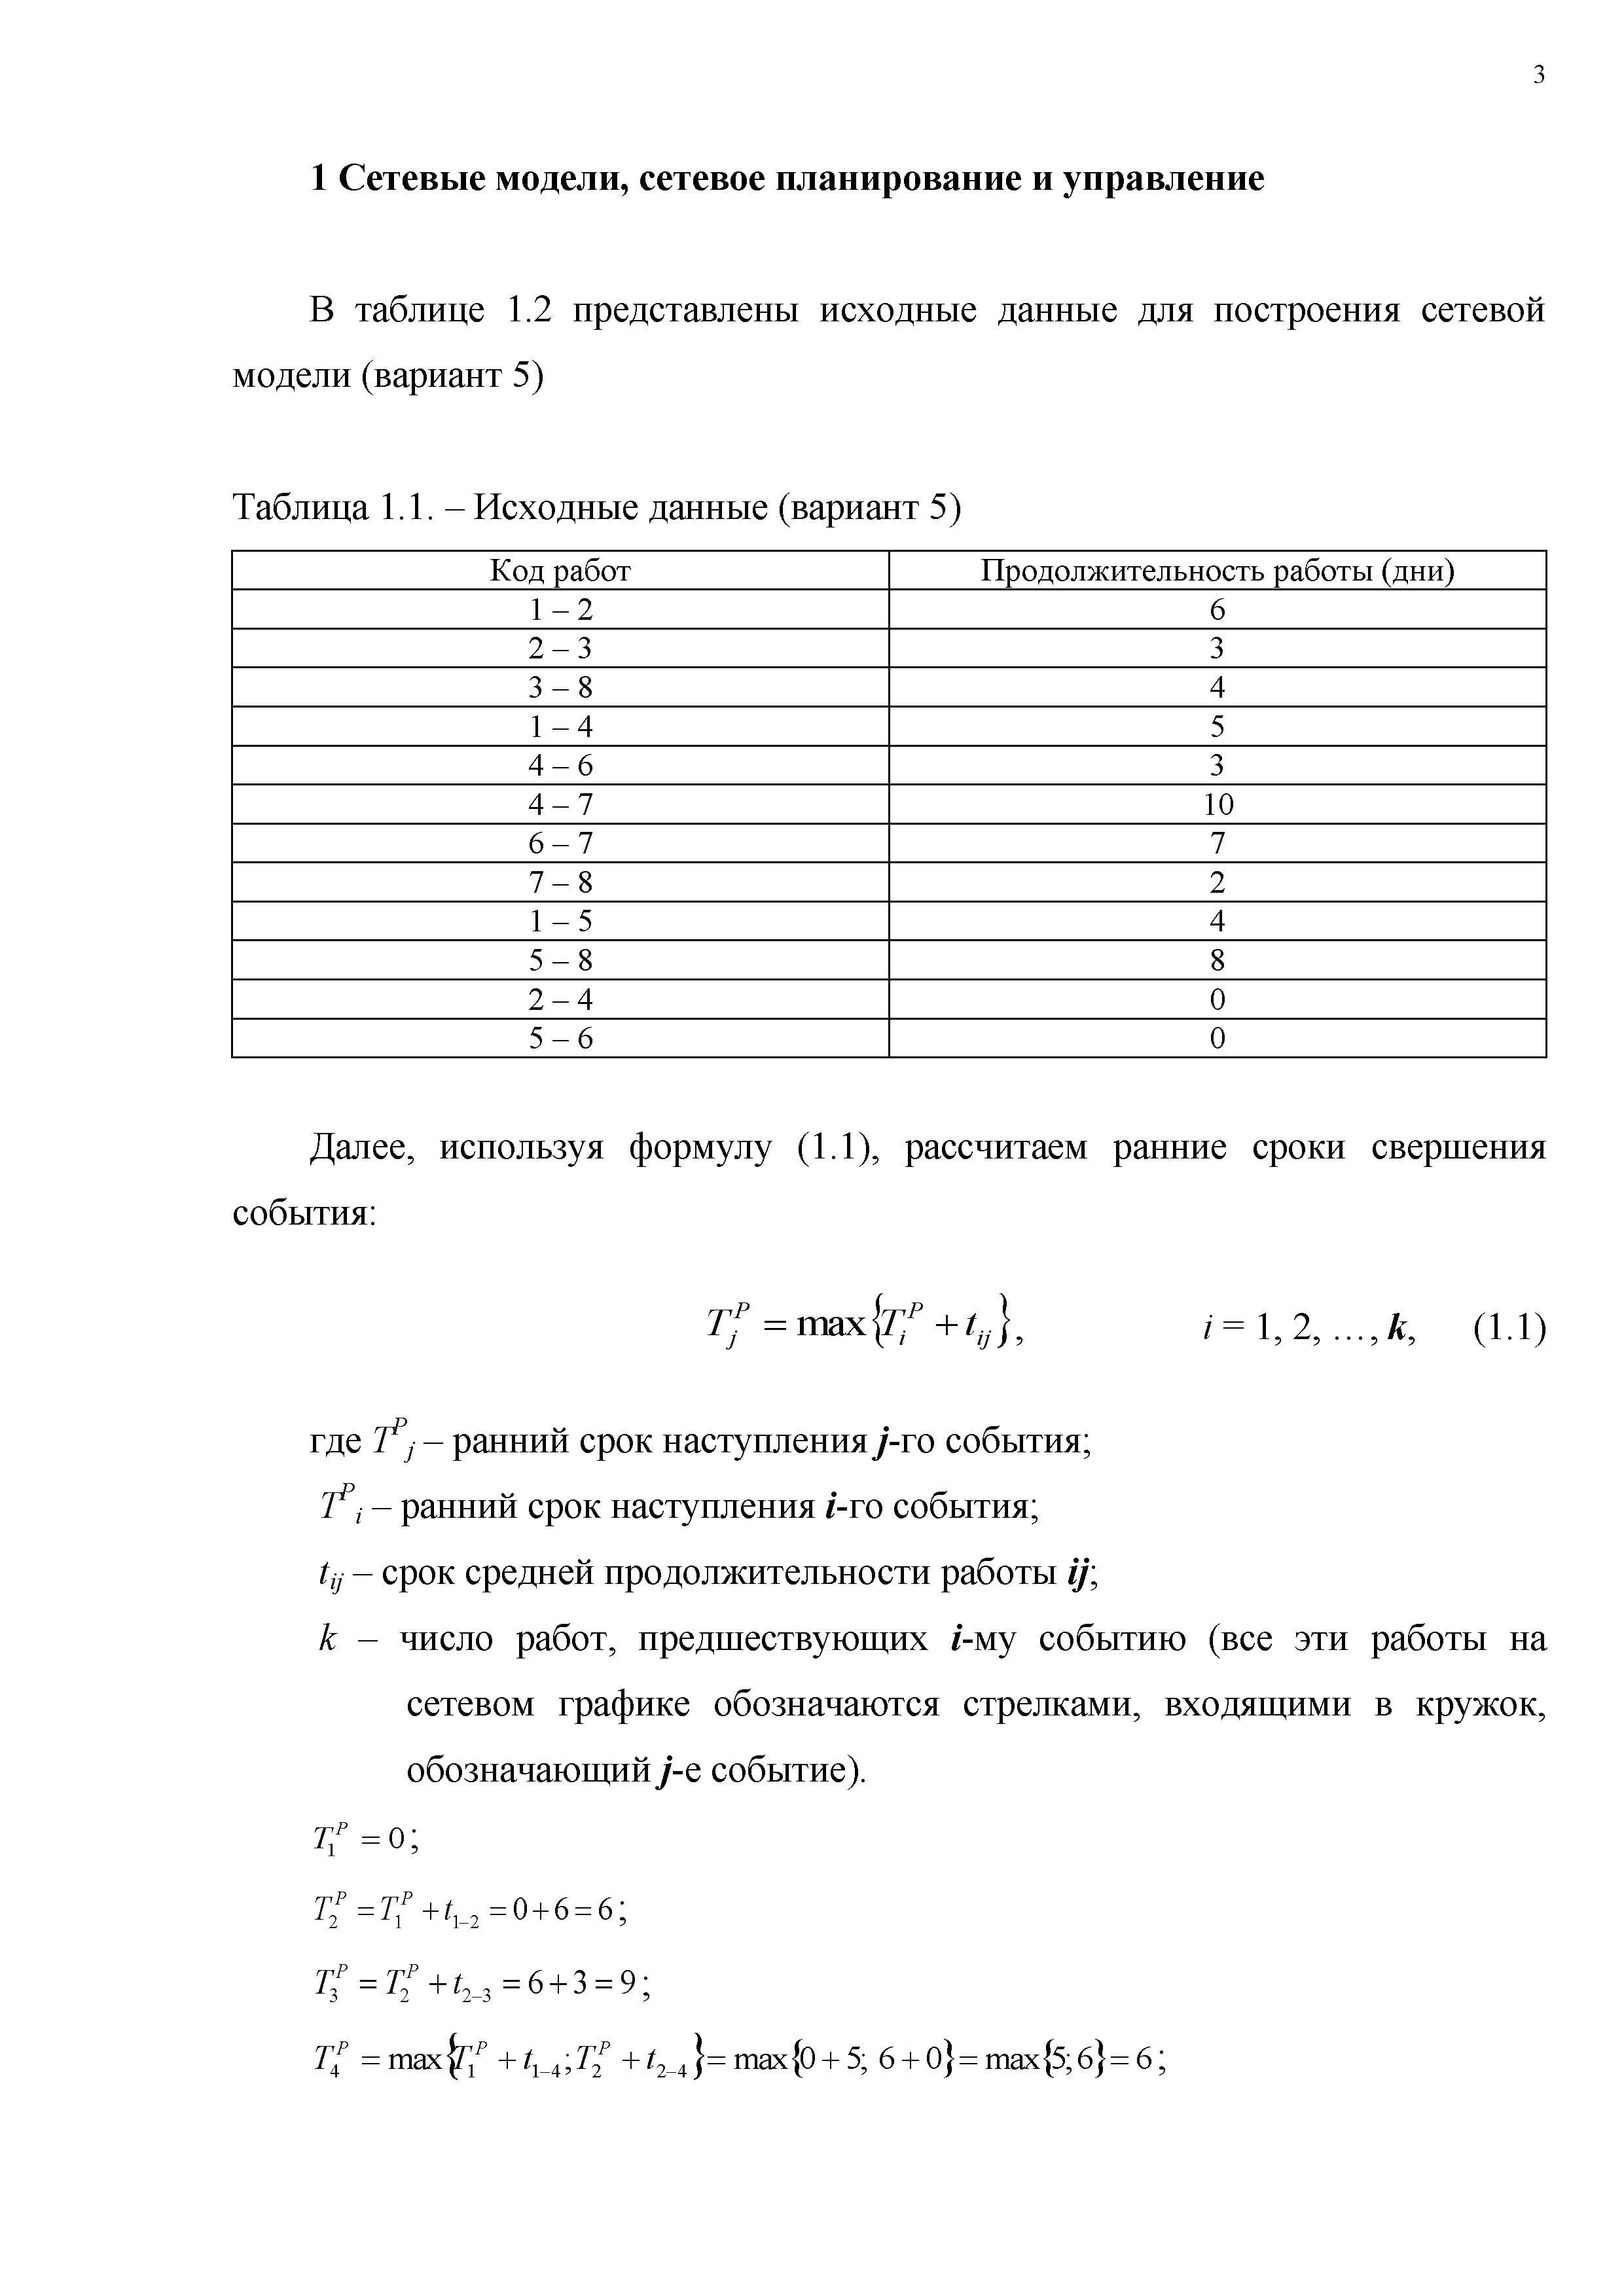 контрольная работа по экономике математическим моделям